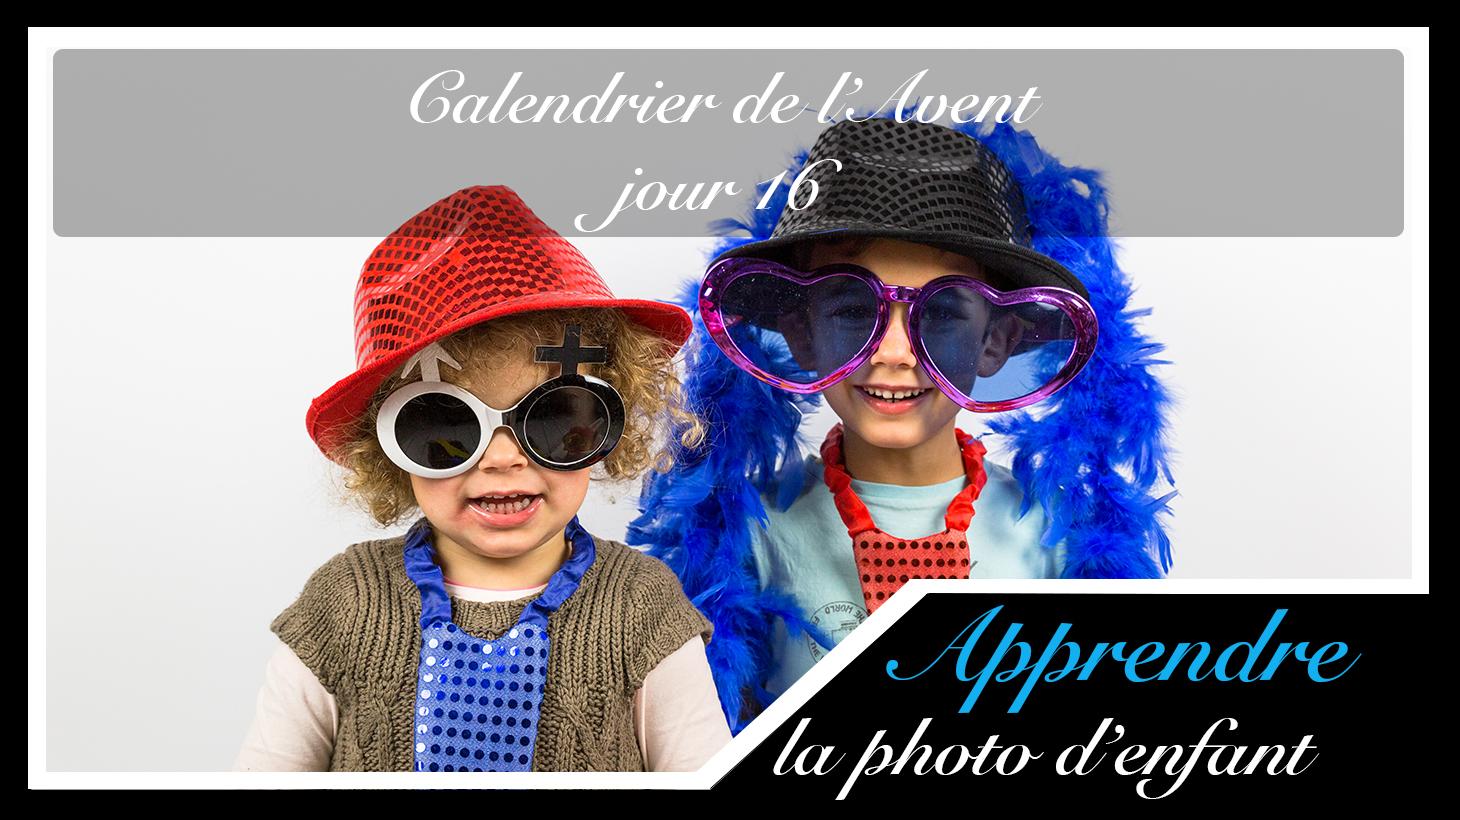 Jour 16 – Calendrier de l'Avent spécial Photo d'enfant